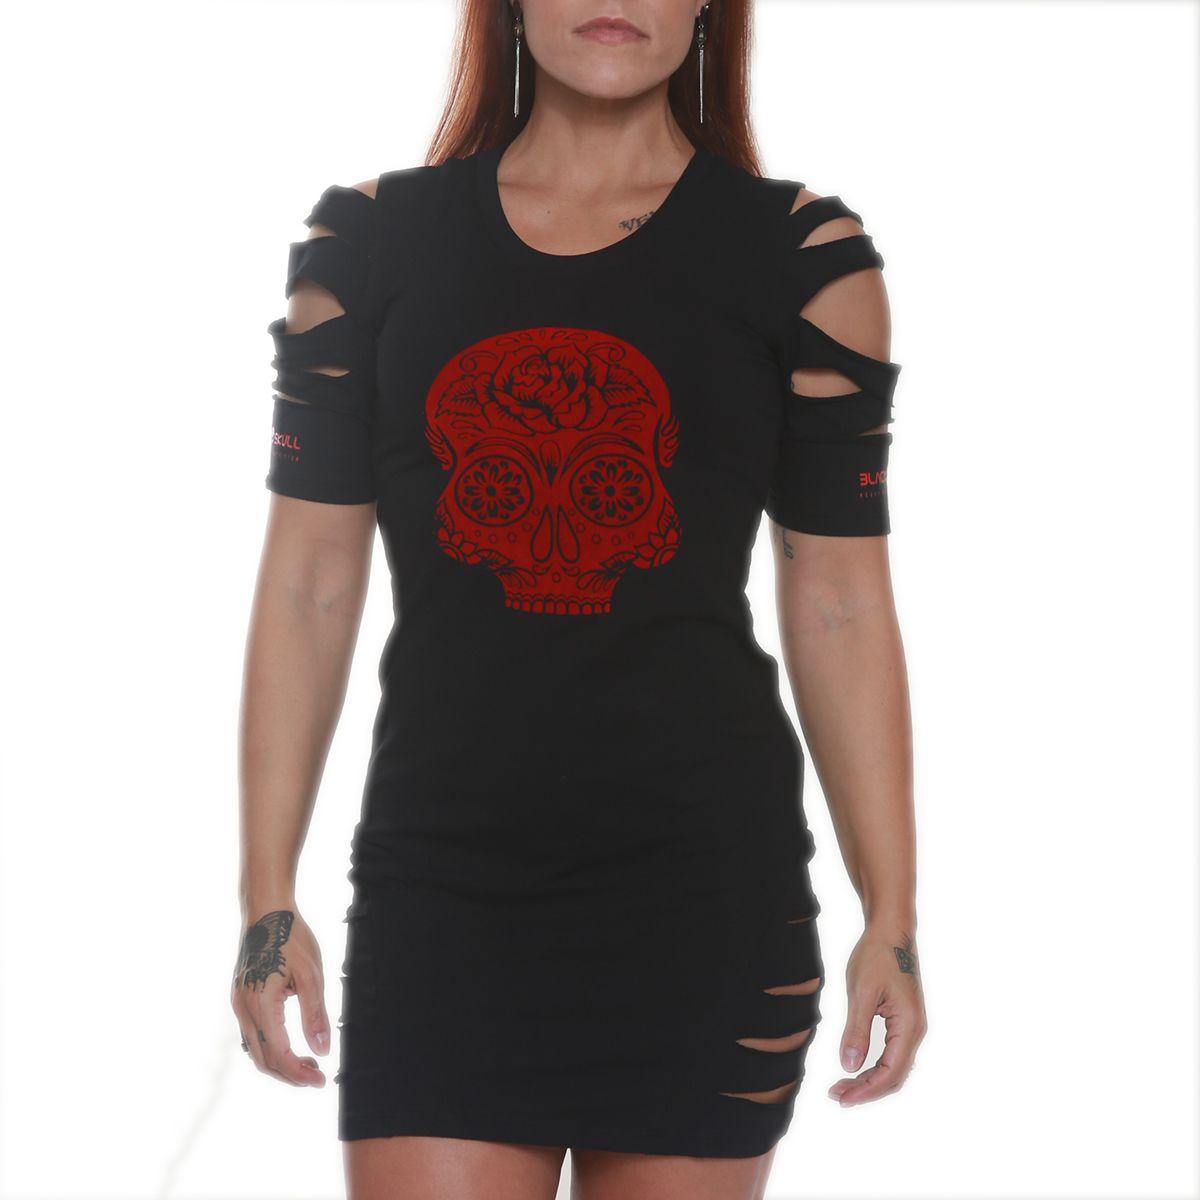 Vestido Rasgado Preto - Black Skull